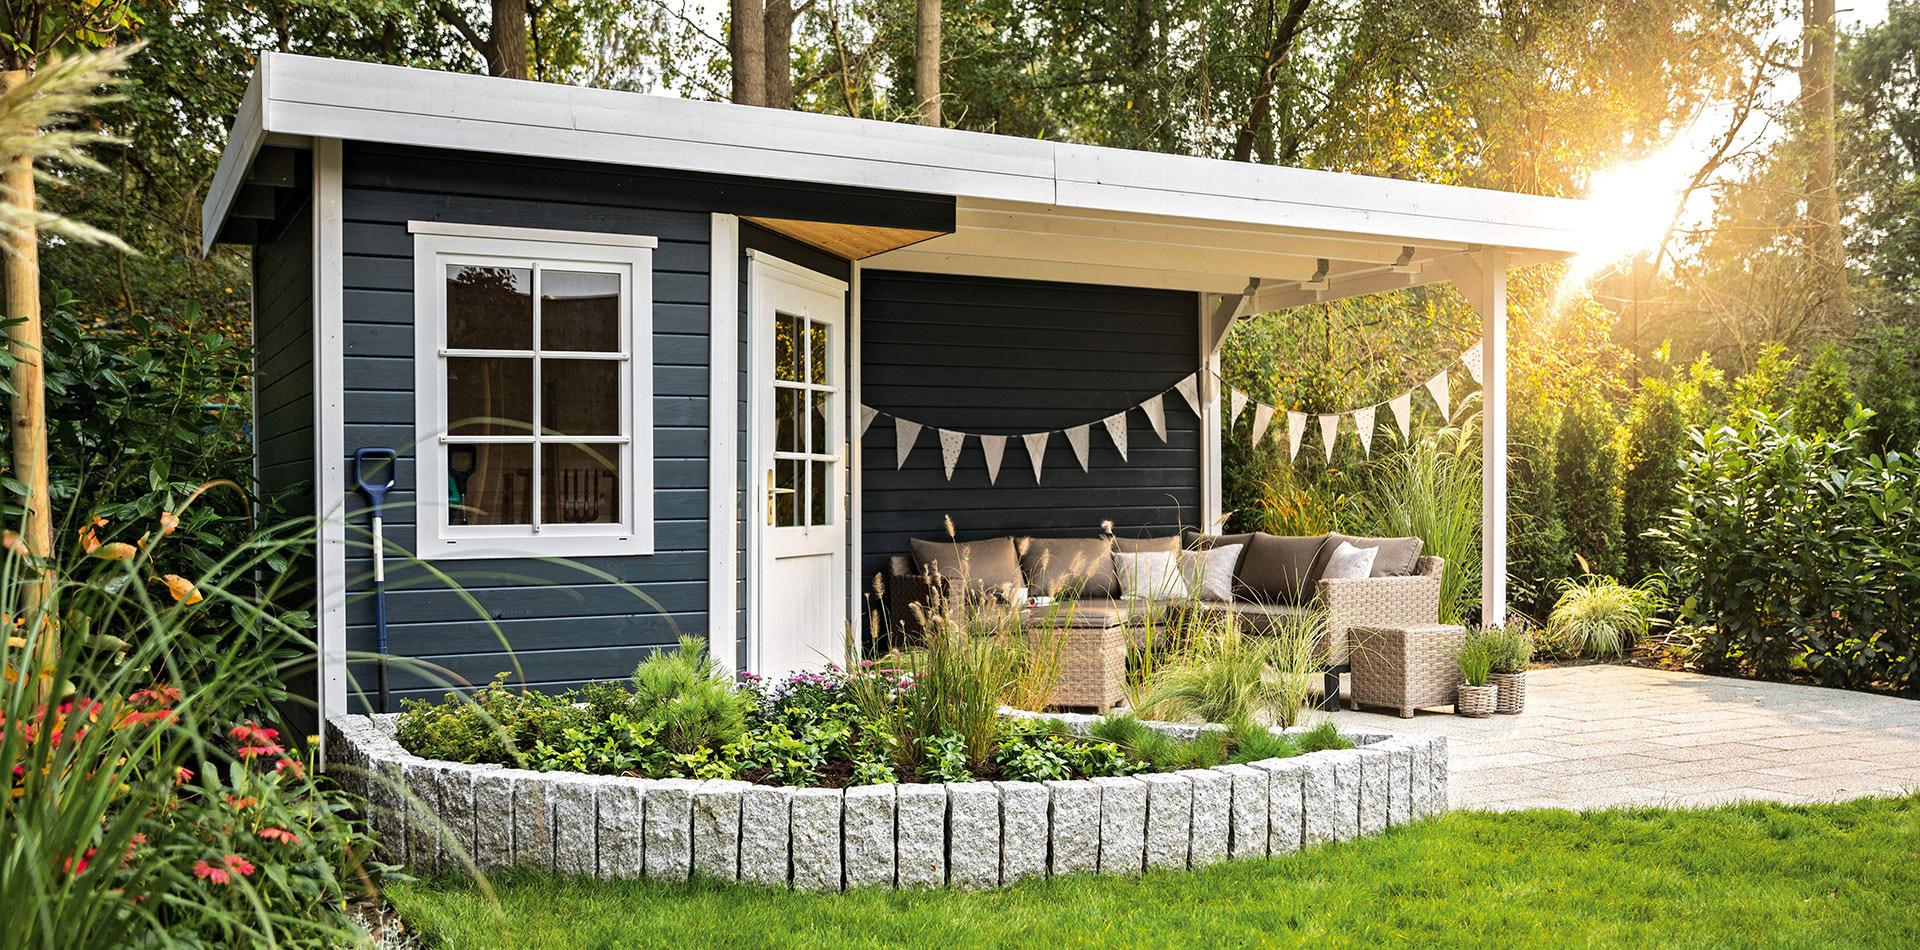 Flachdach Gartenhaus mit Loungeecke in Anthrazit